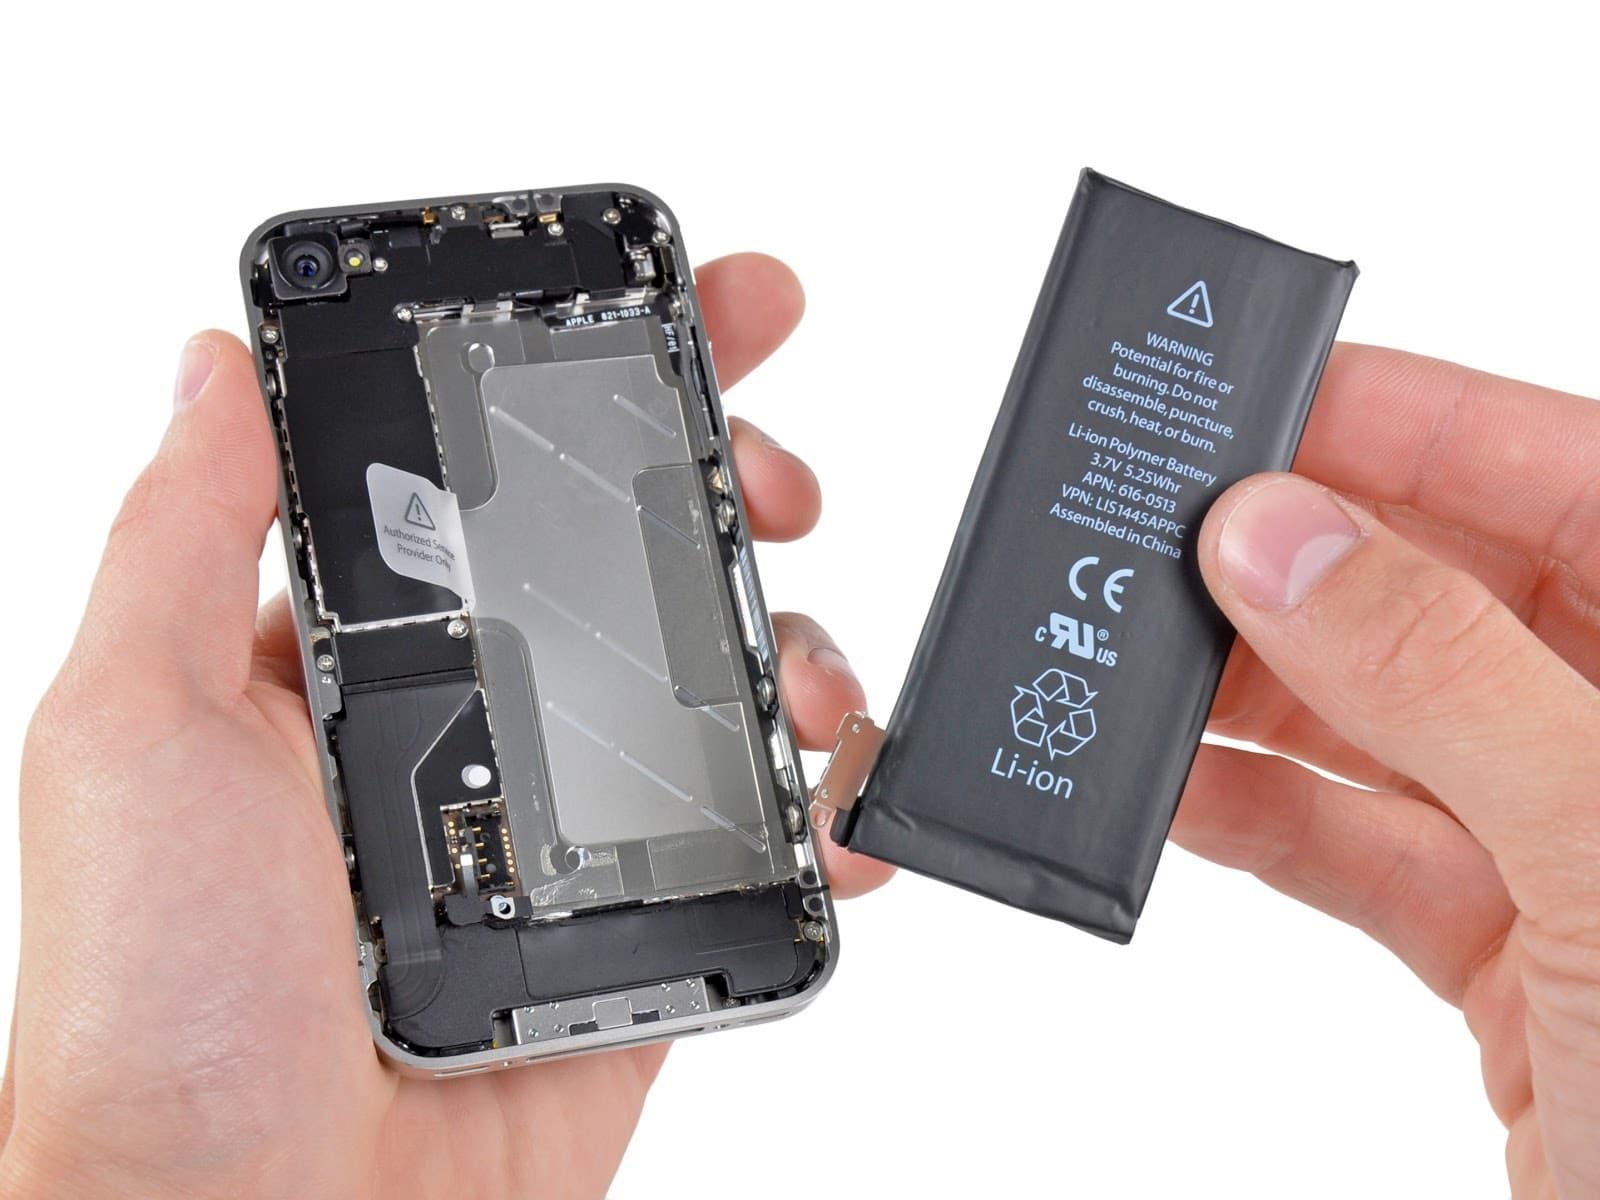 Thay pin điện thoại